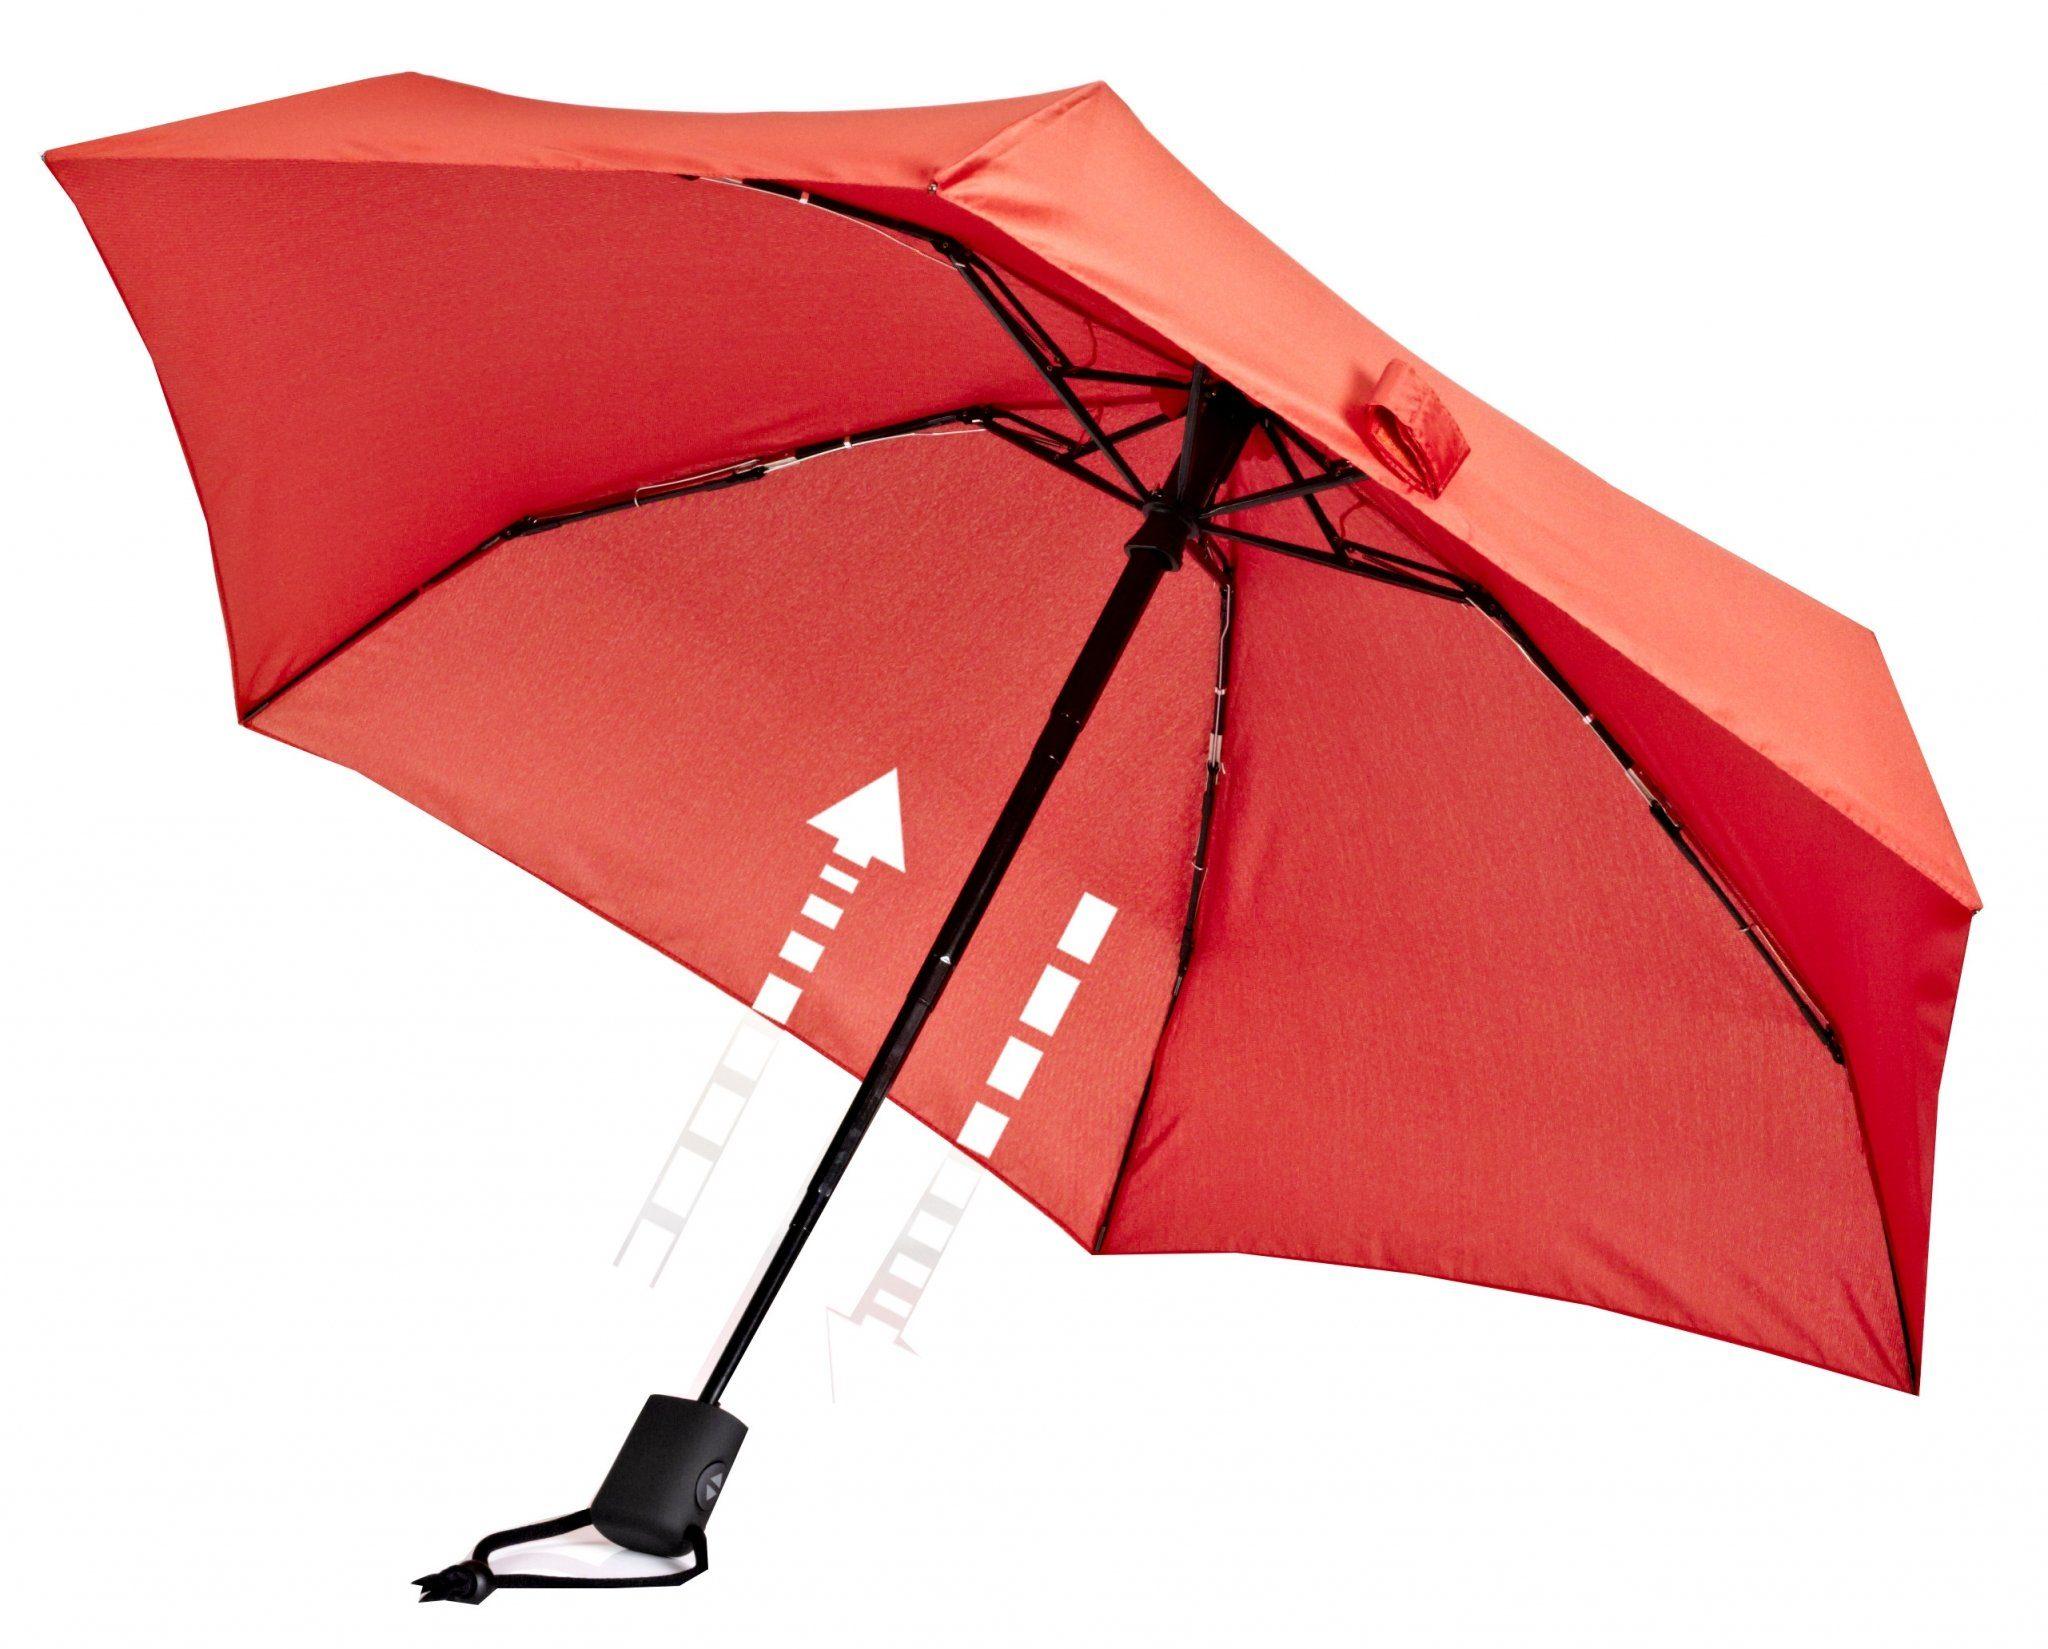 EuroSchirm Regenschirm »Dainty Automatic Regenschirm«